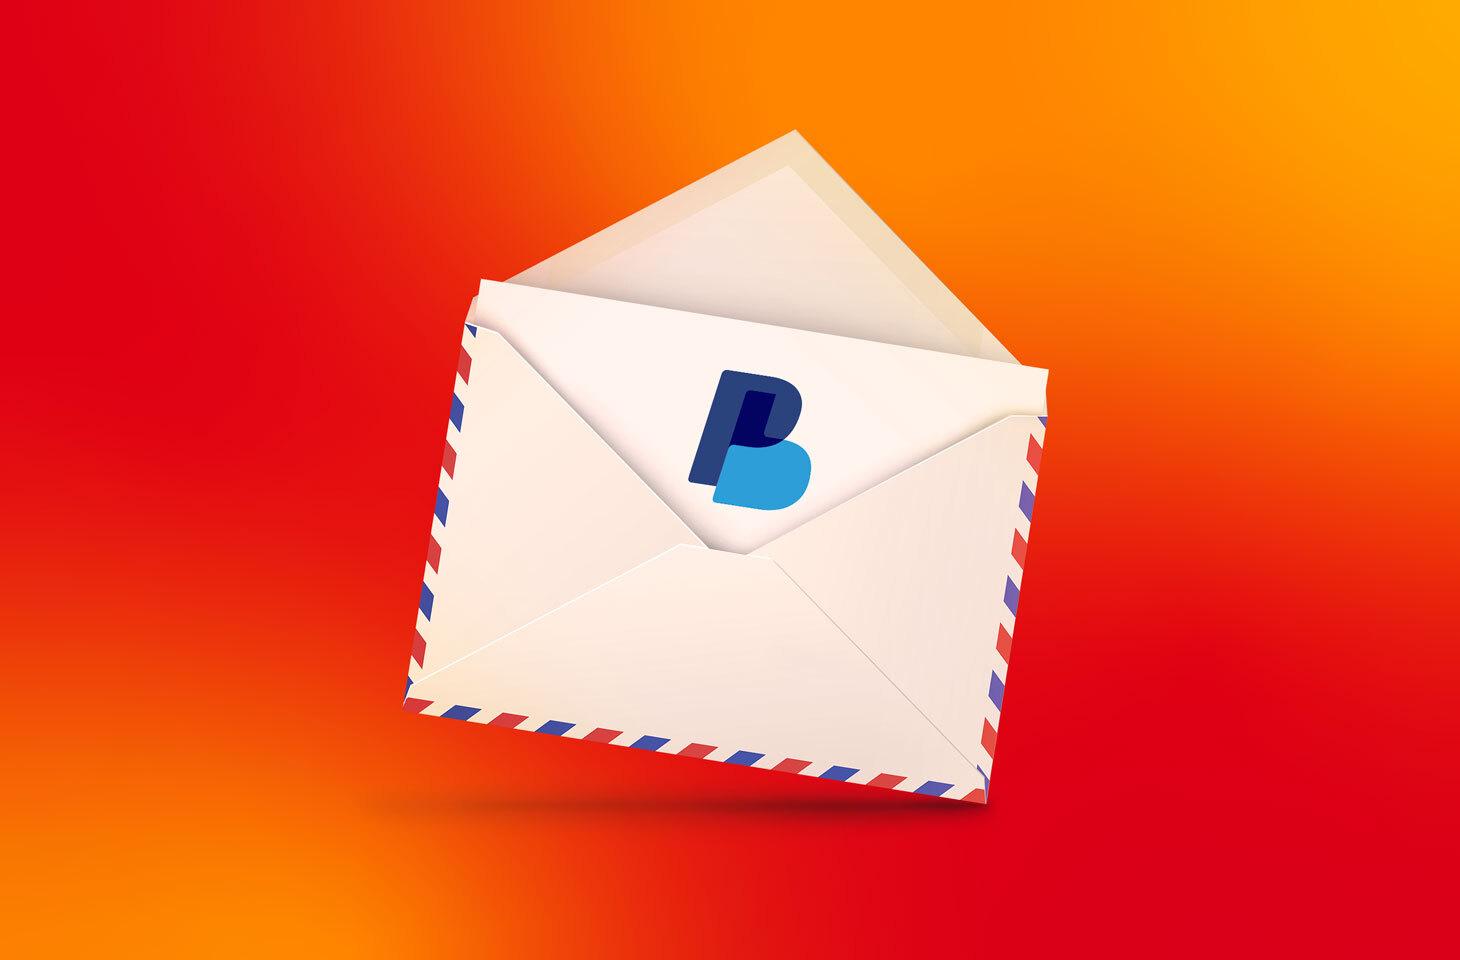 詐騙PayPal用戶的常用技倆